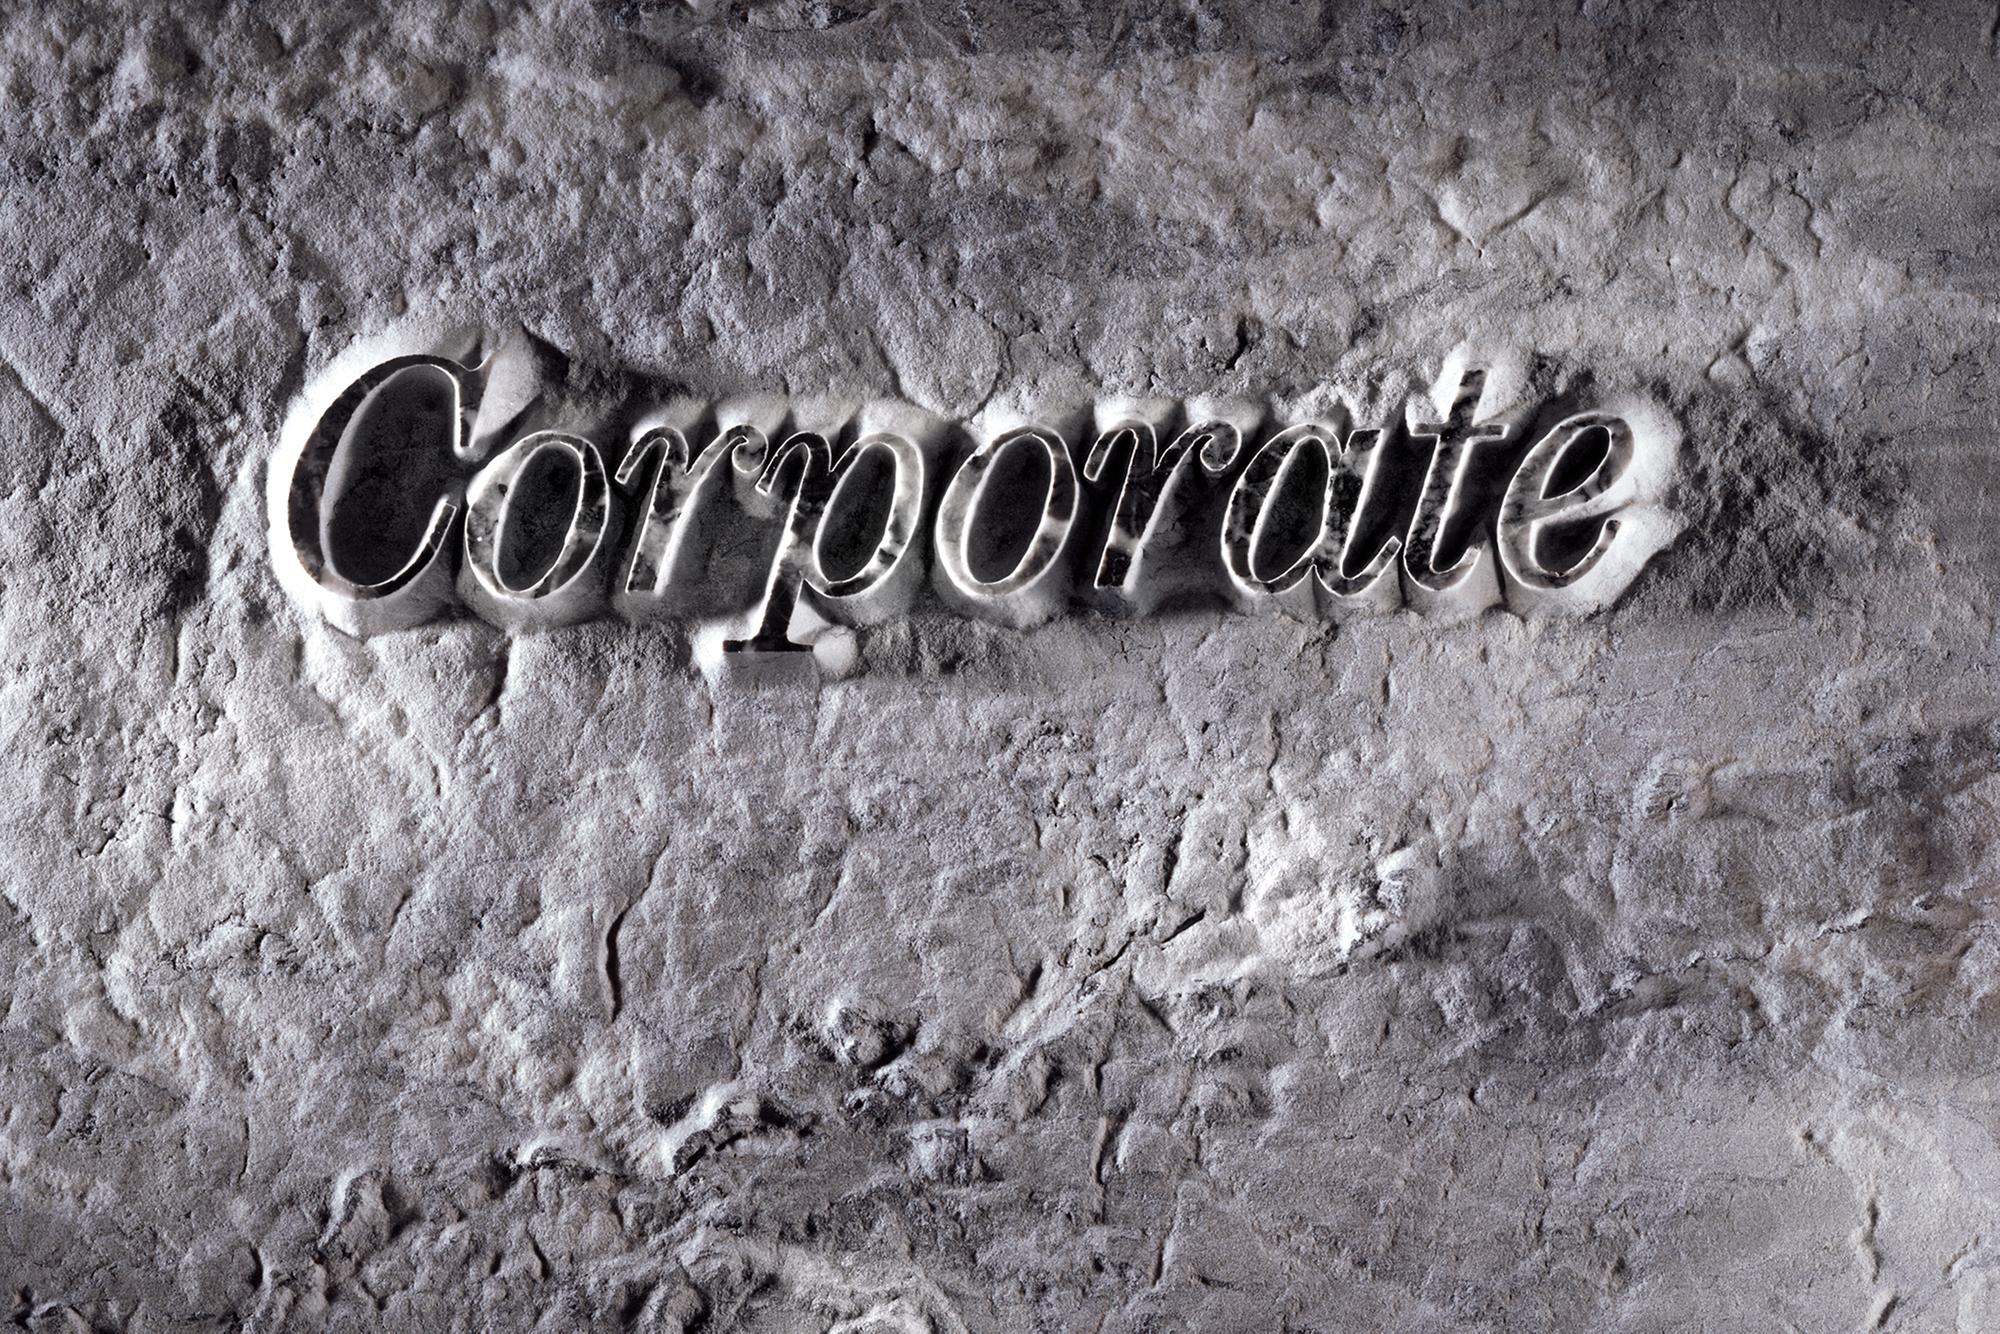 CorpRock-2.jpg